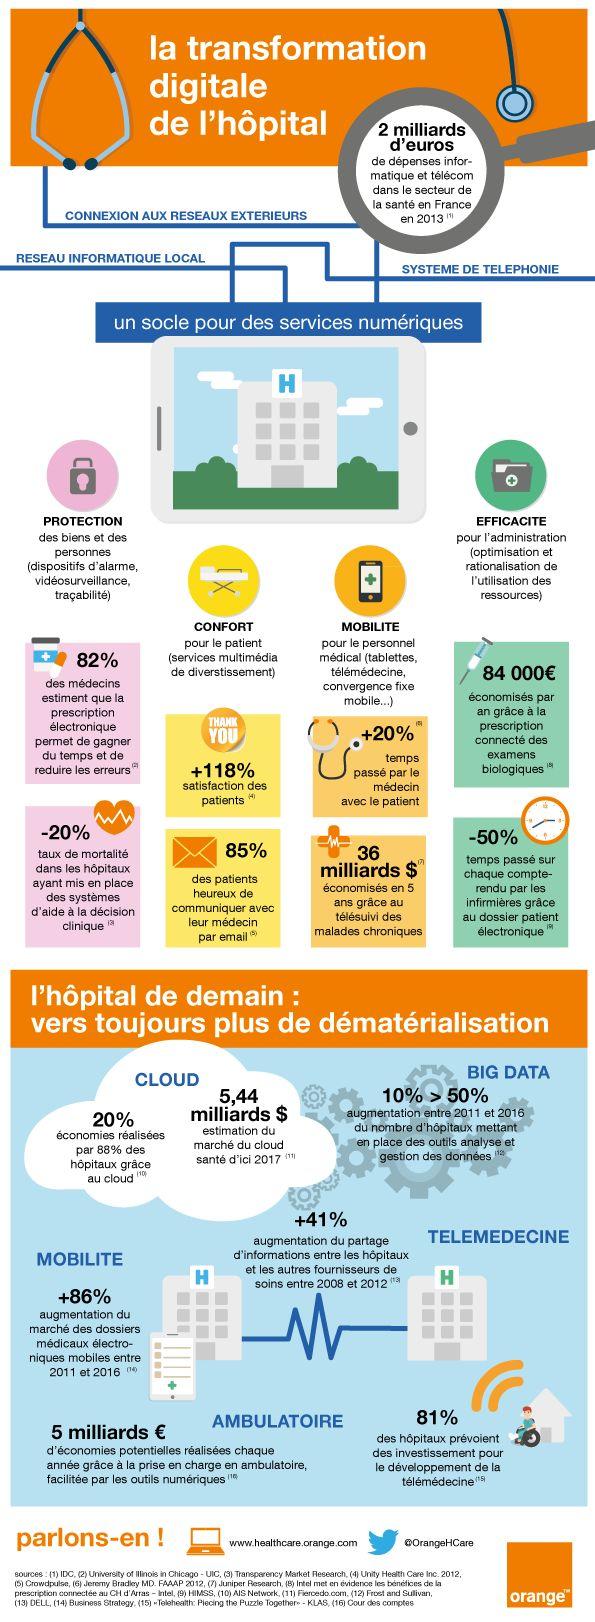 [Infographie] La transformation digitale de l'hôpital